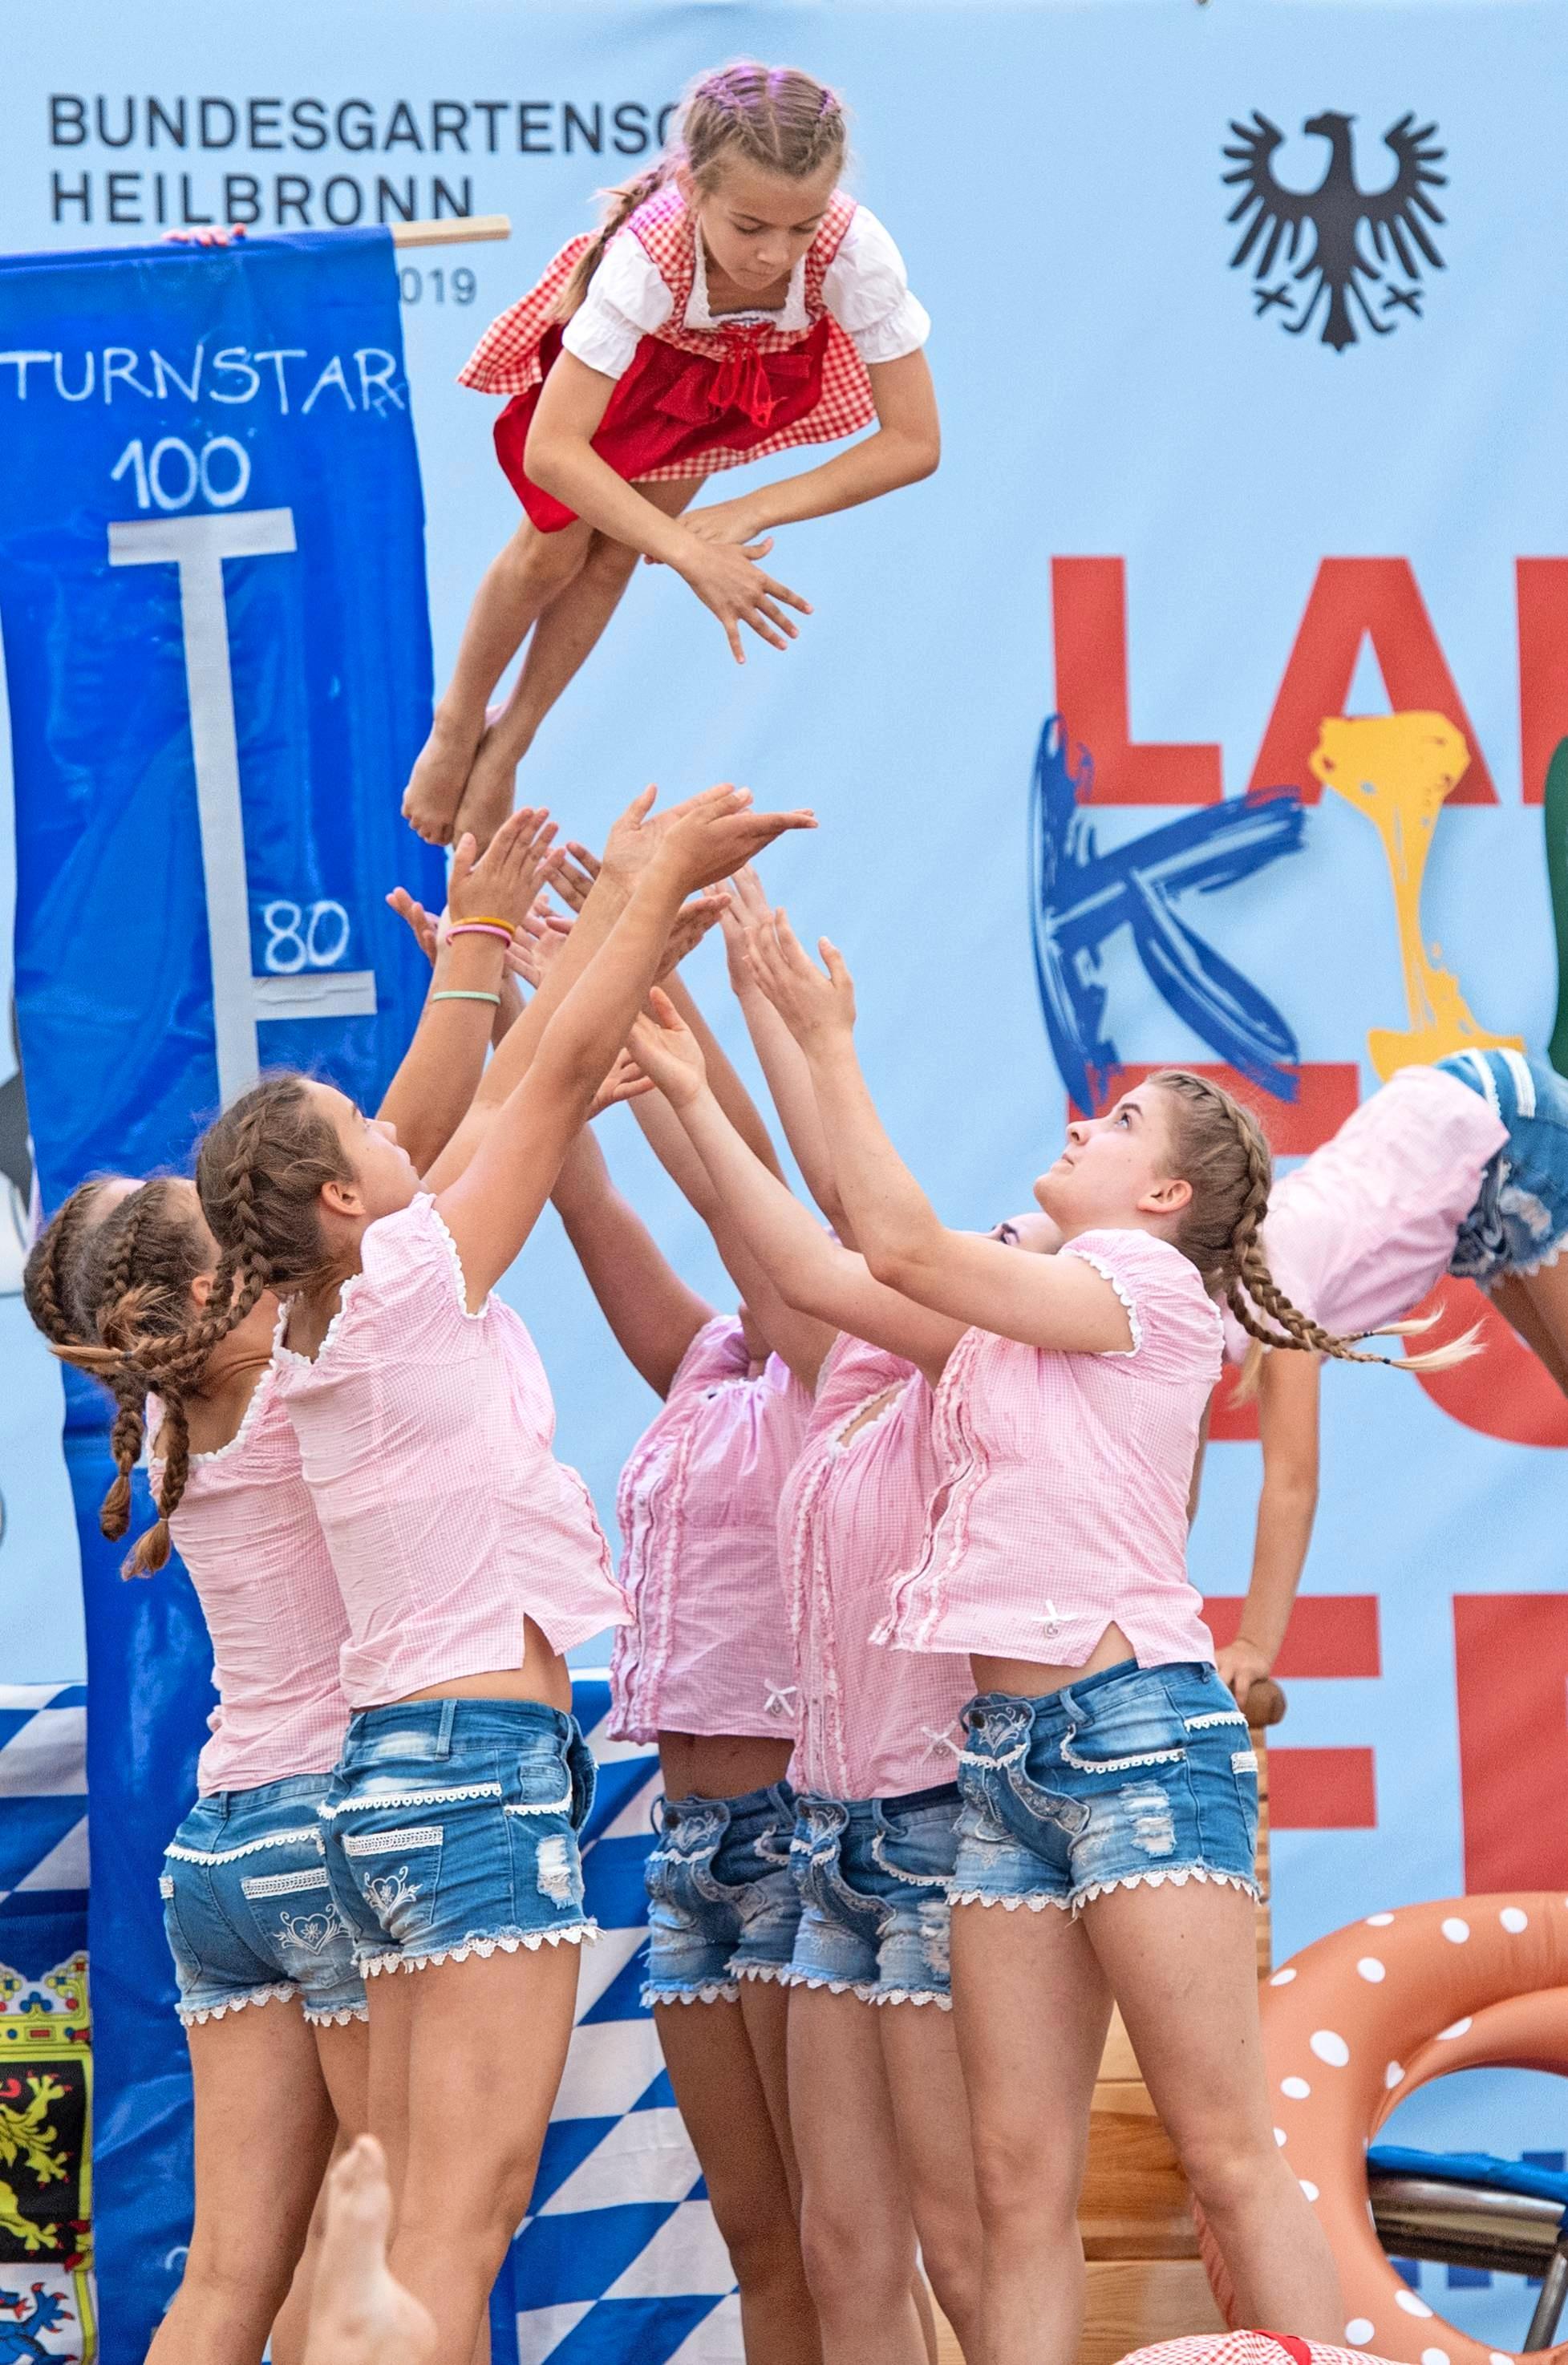 Auch ein Sportevent wie das Landeskinderturnfest macht die Buga zu einem fröhlichen Sommermärchen